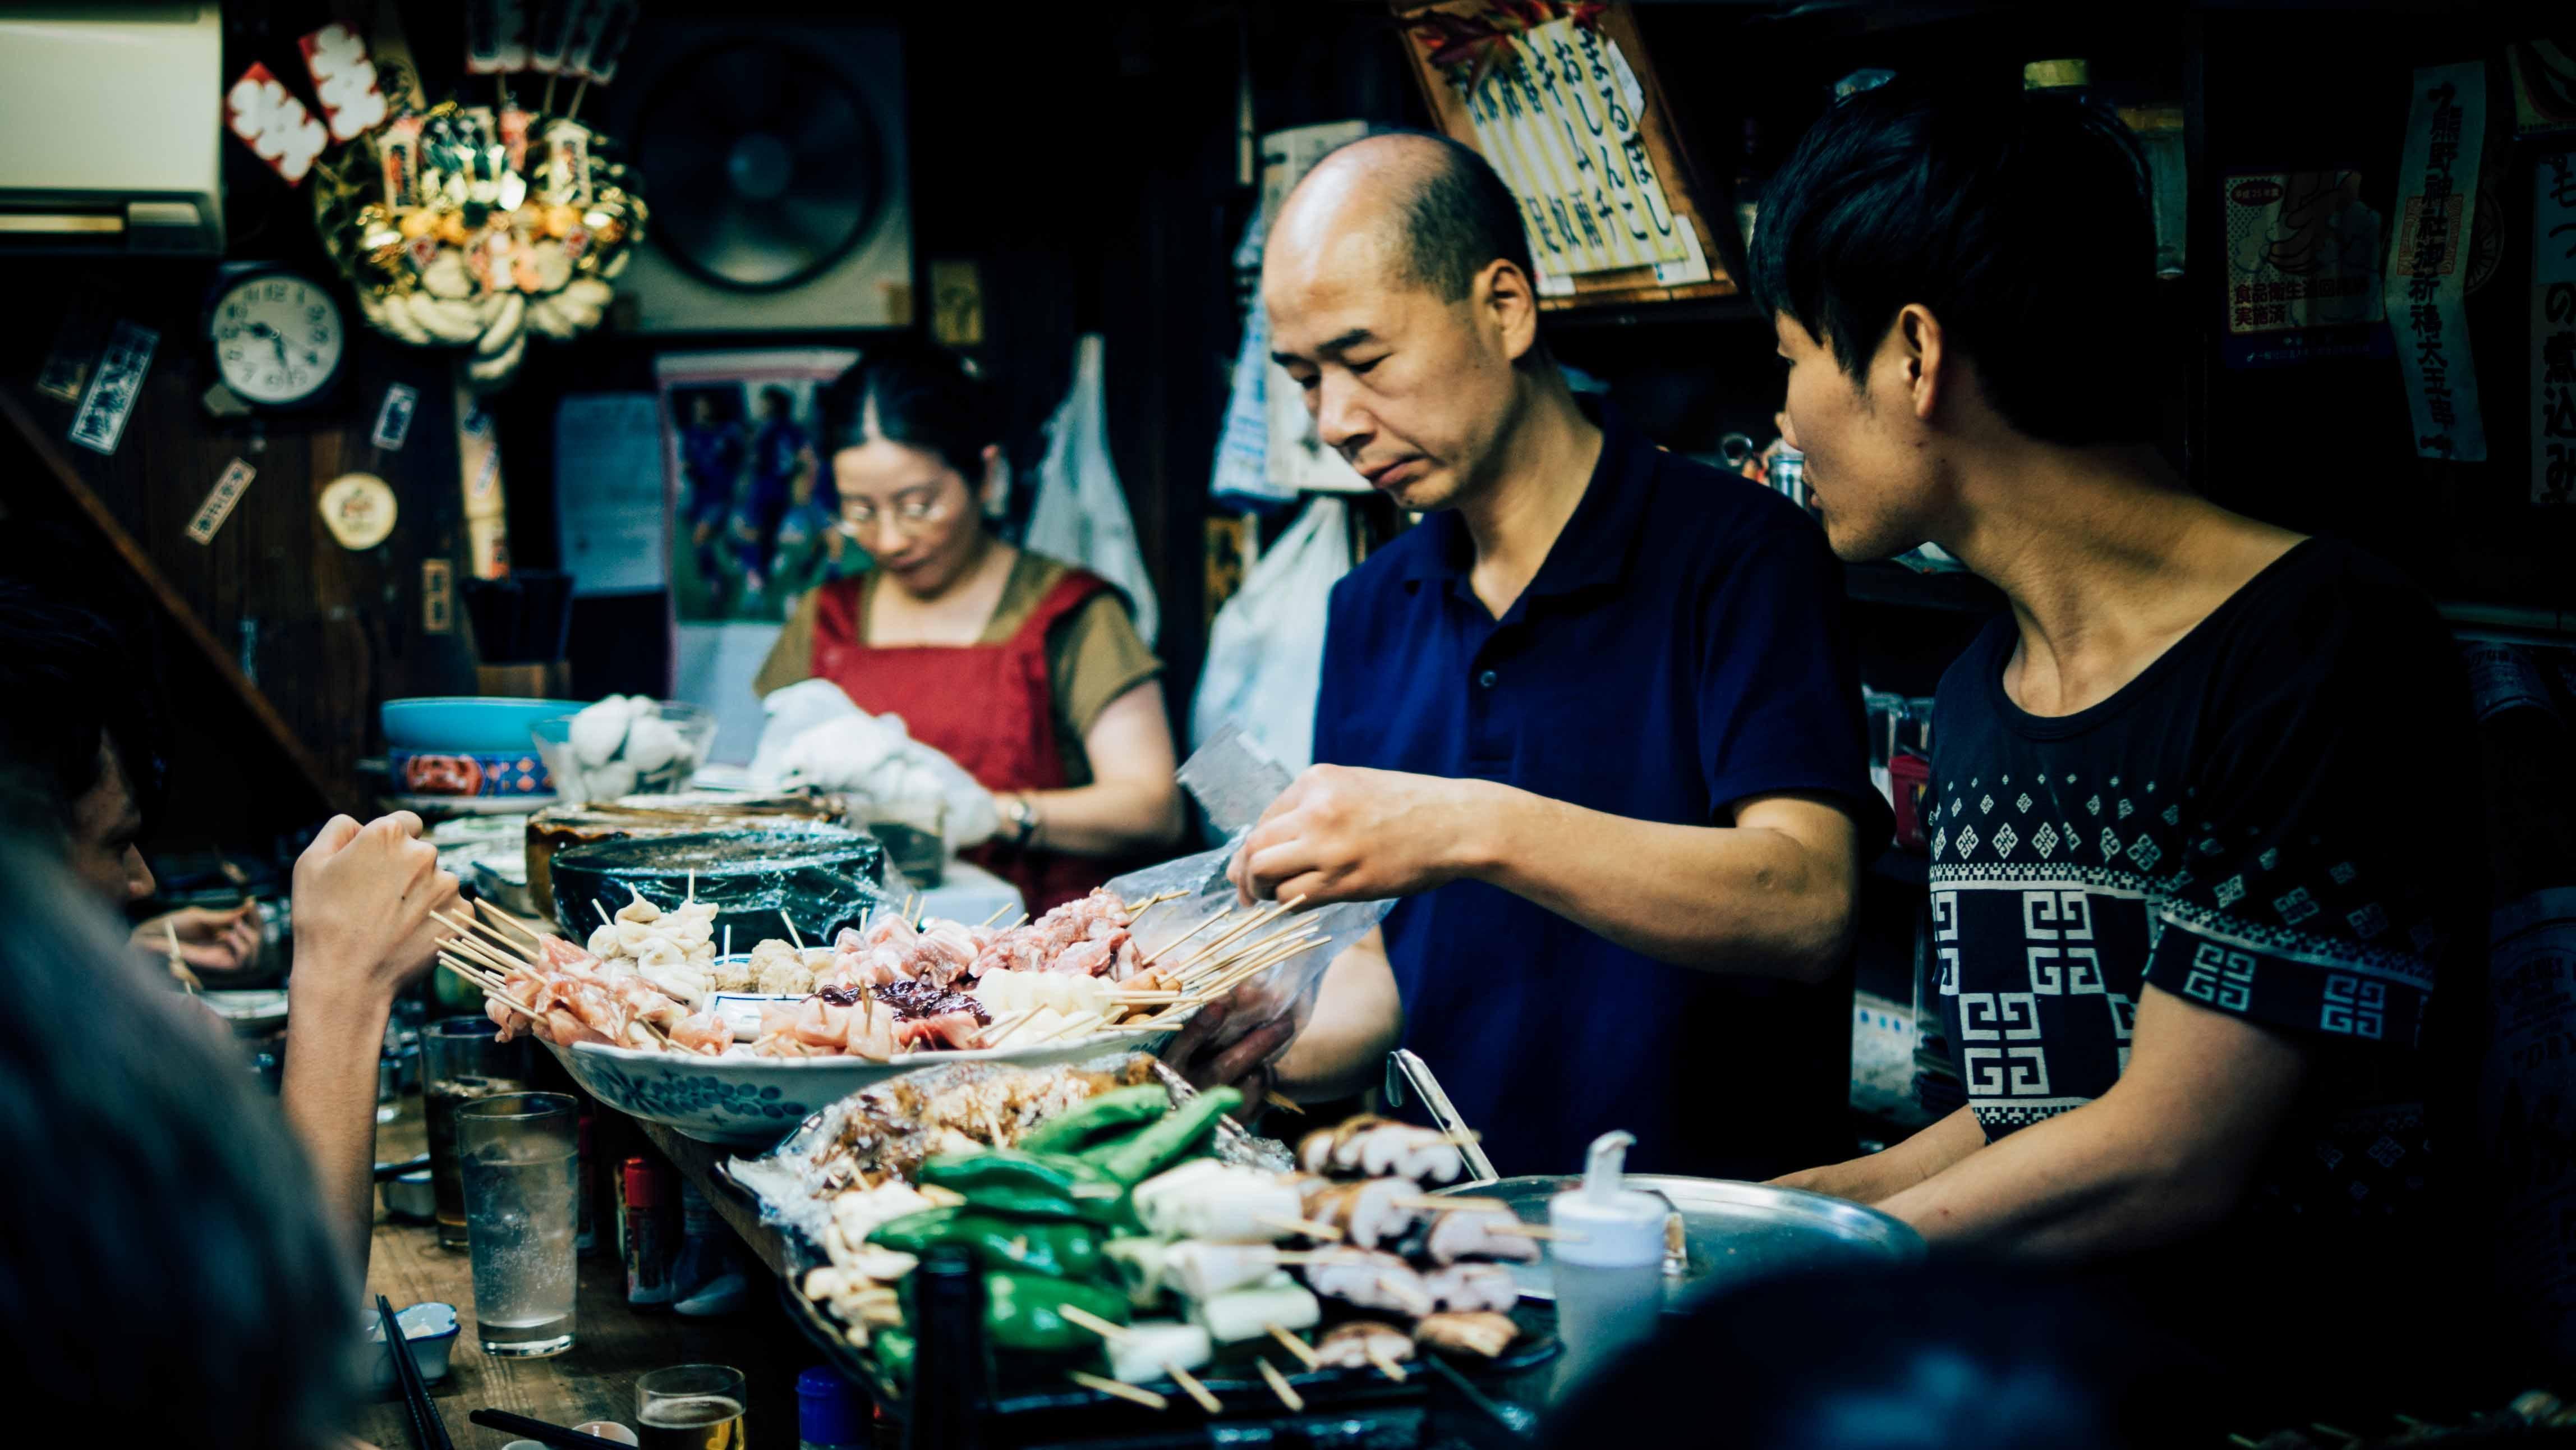 japan-travel-tip-food-lan-pham-132874